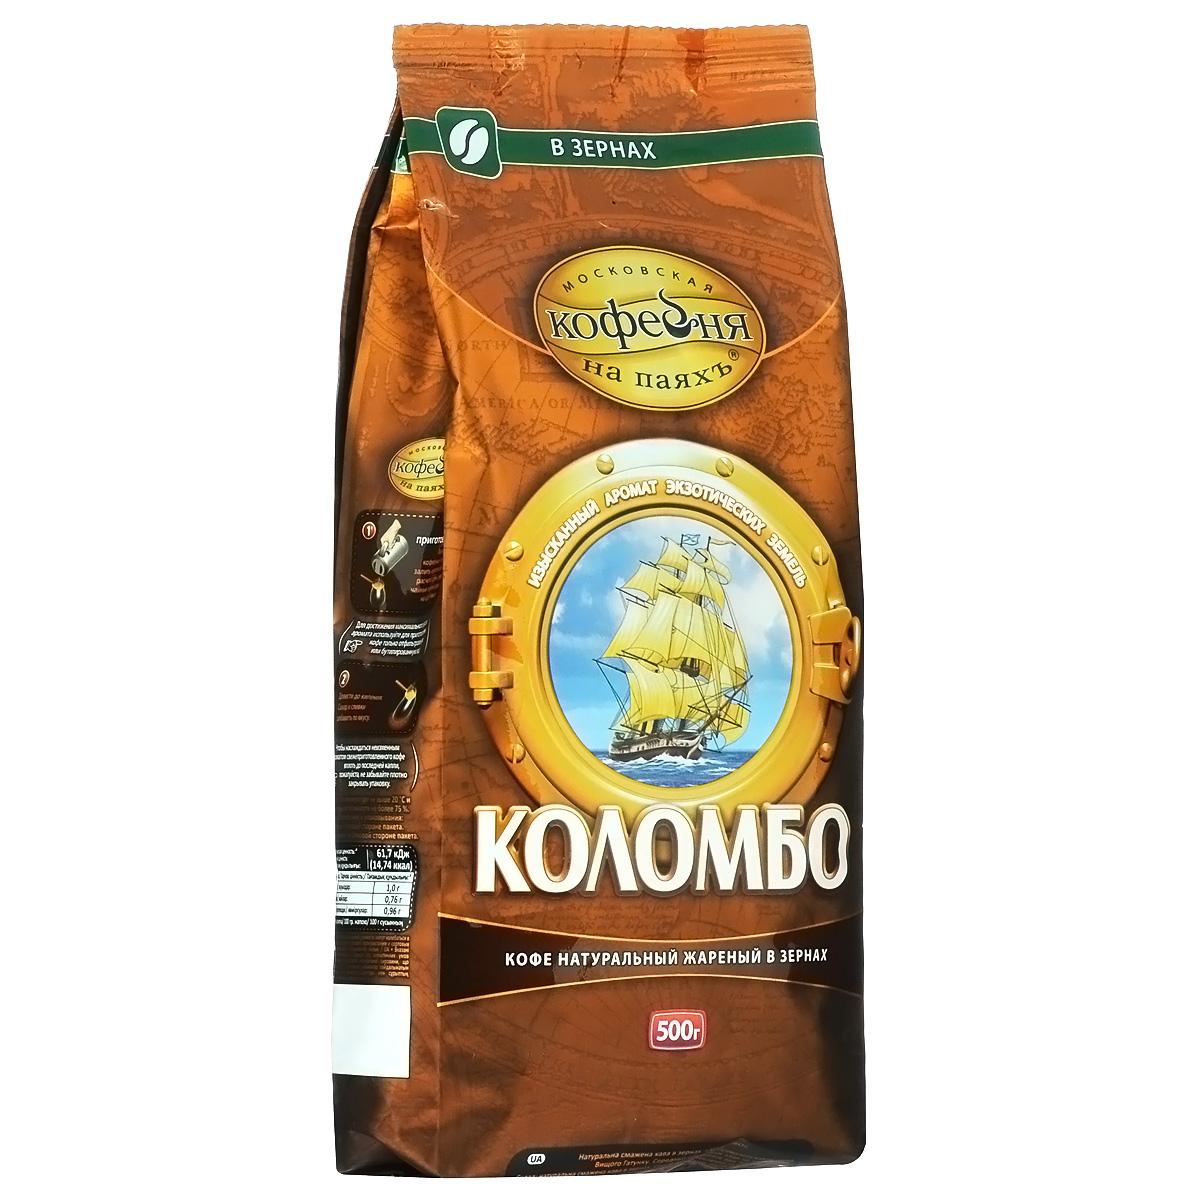 Московская кофейня на паяхъ Коломбо кофе в зернах, 500 г автокресло chicco oasys 2 3 red passion группа 2 3 07079158640000